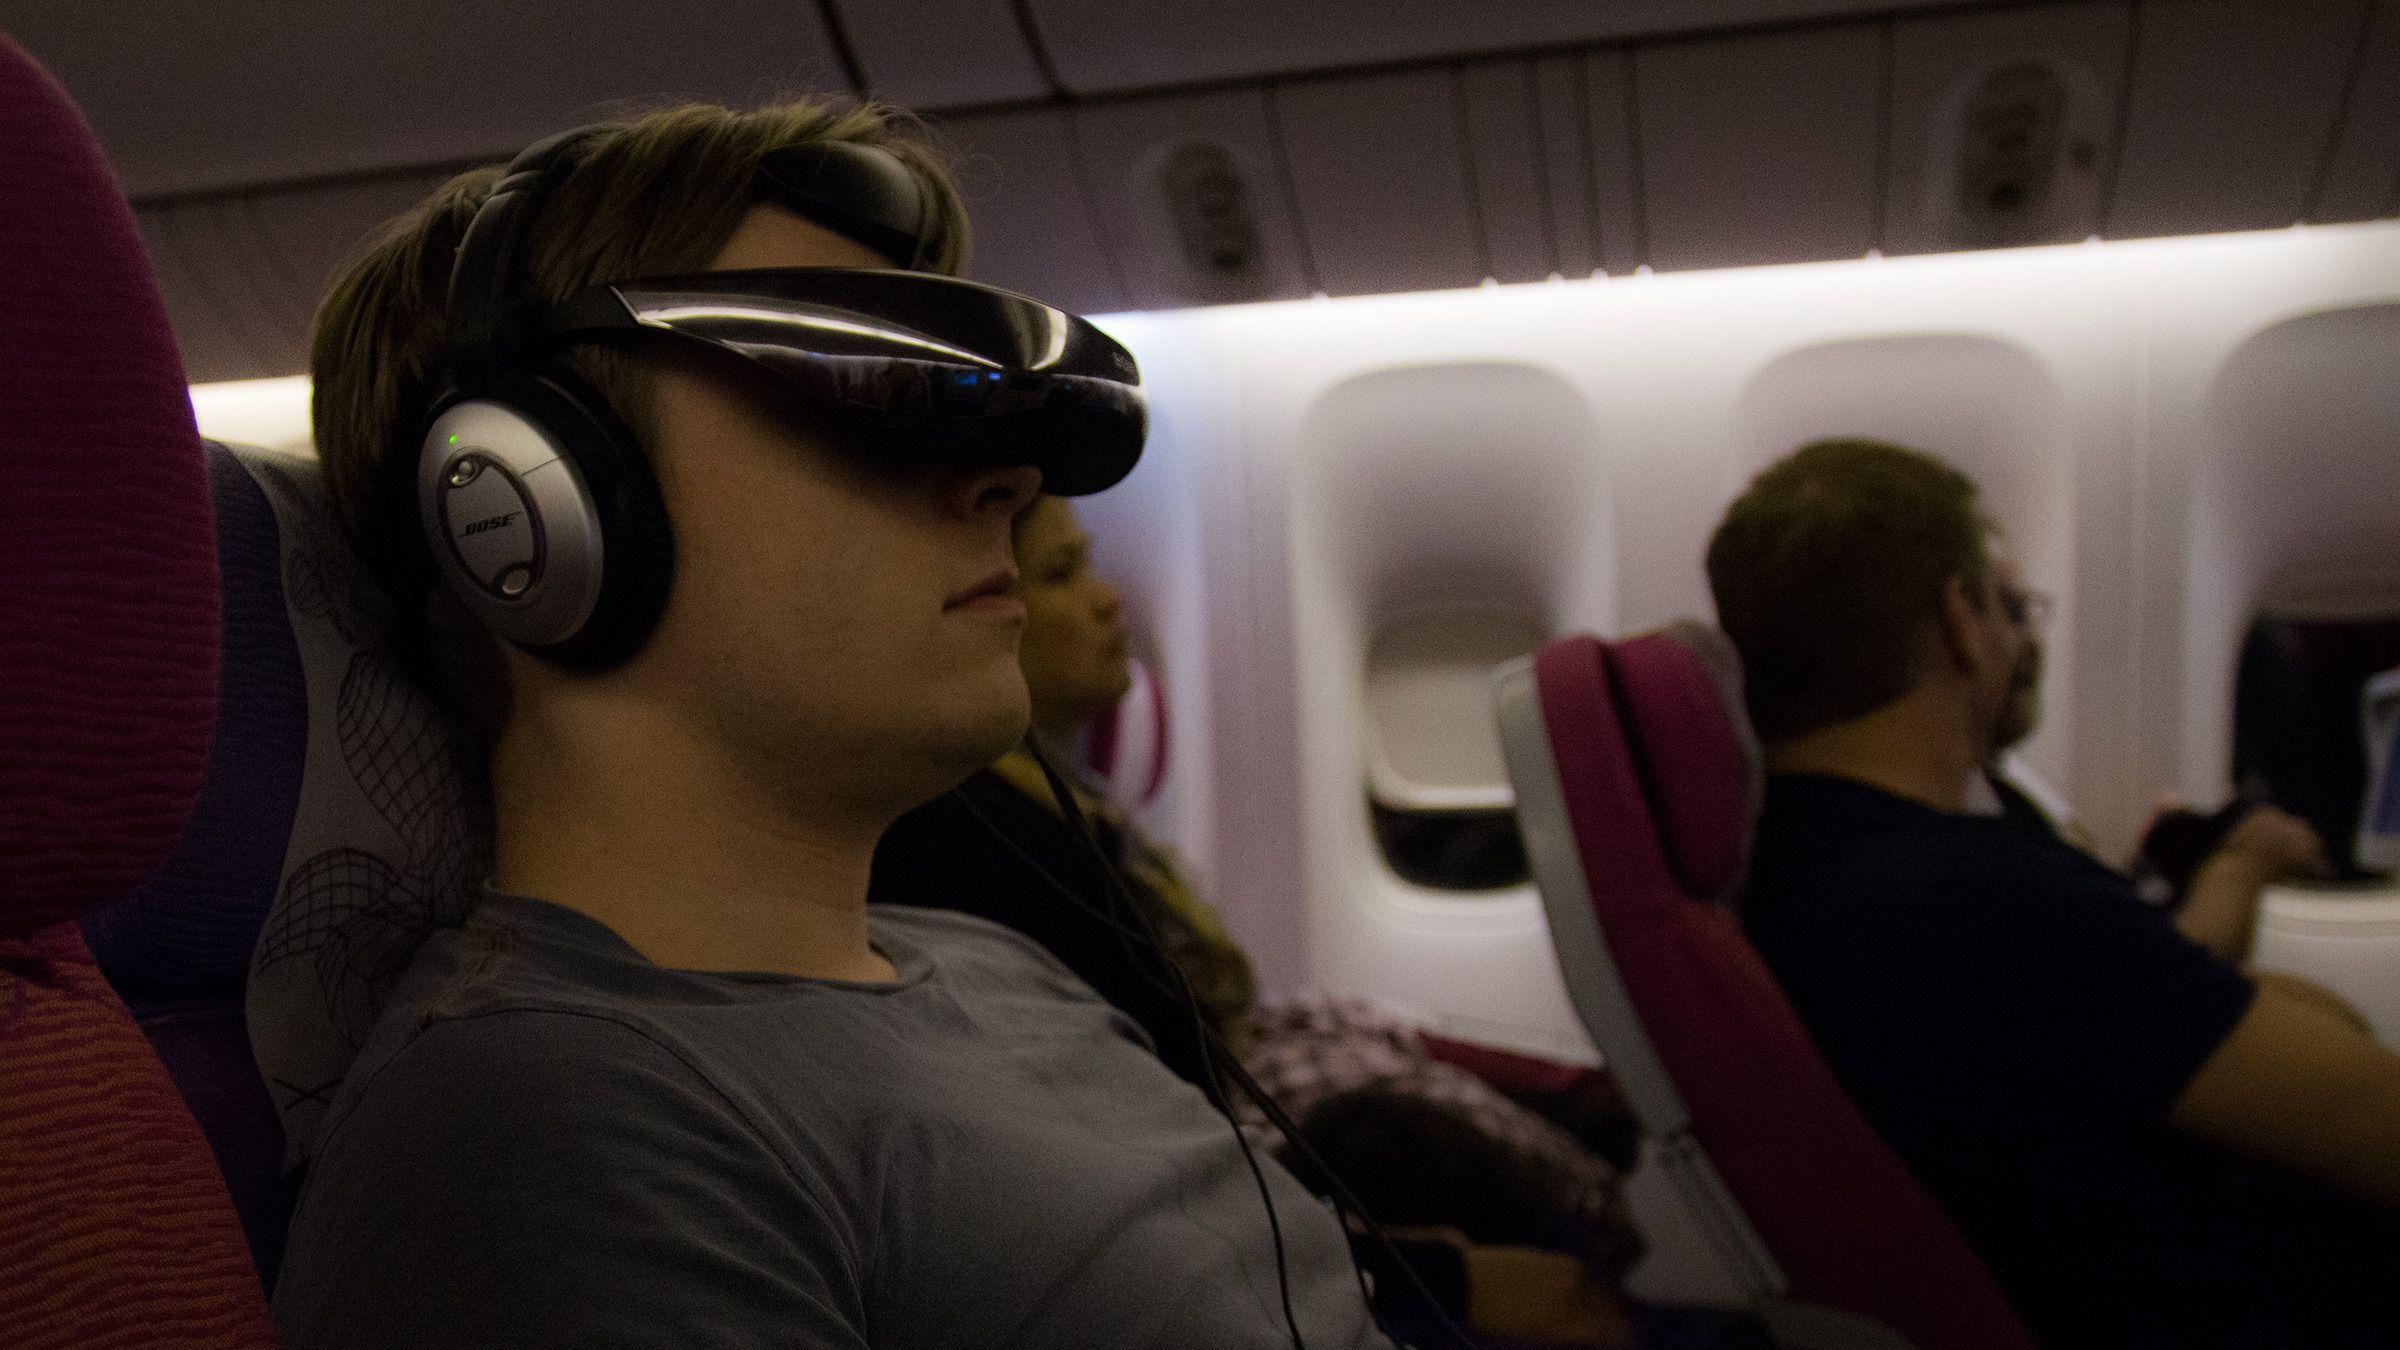 Sony HMZ-T3W kan kanskje passe bedre på flyet enn i stua.Foto: Rolf B. Wegner, Hardware.no